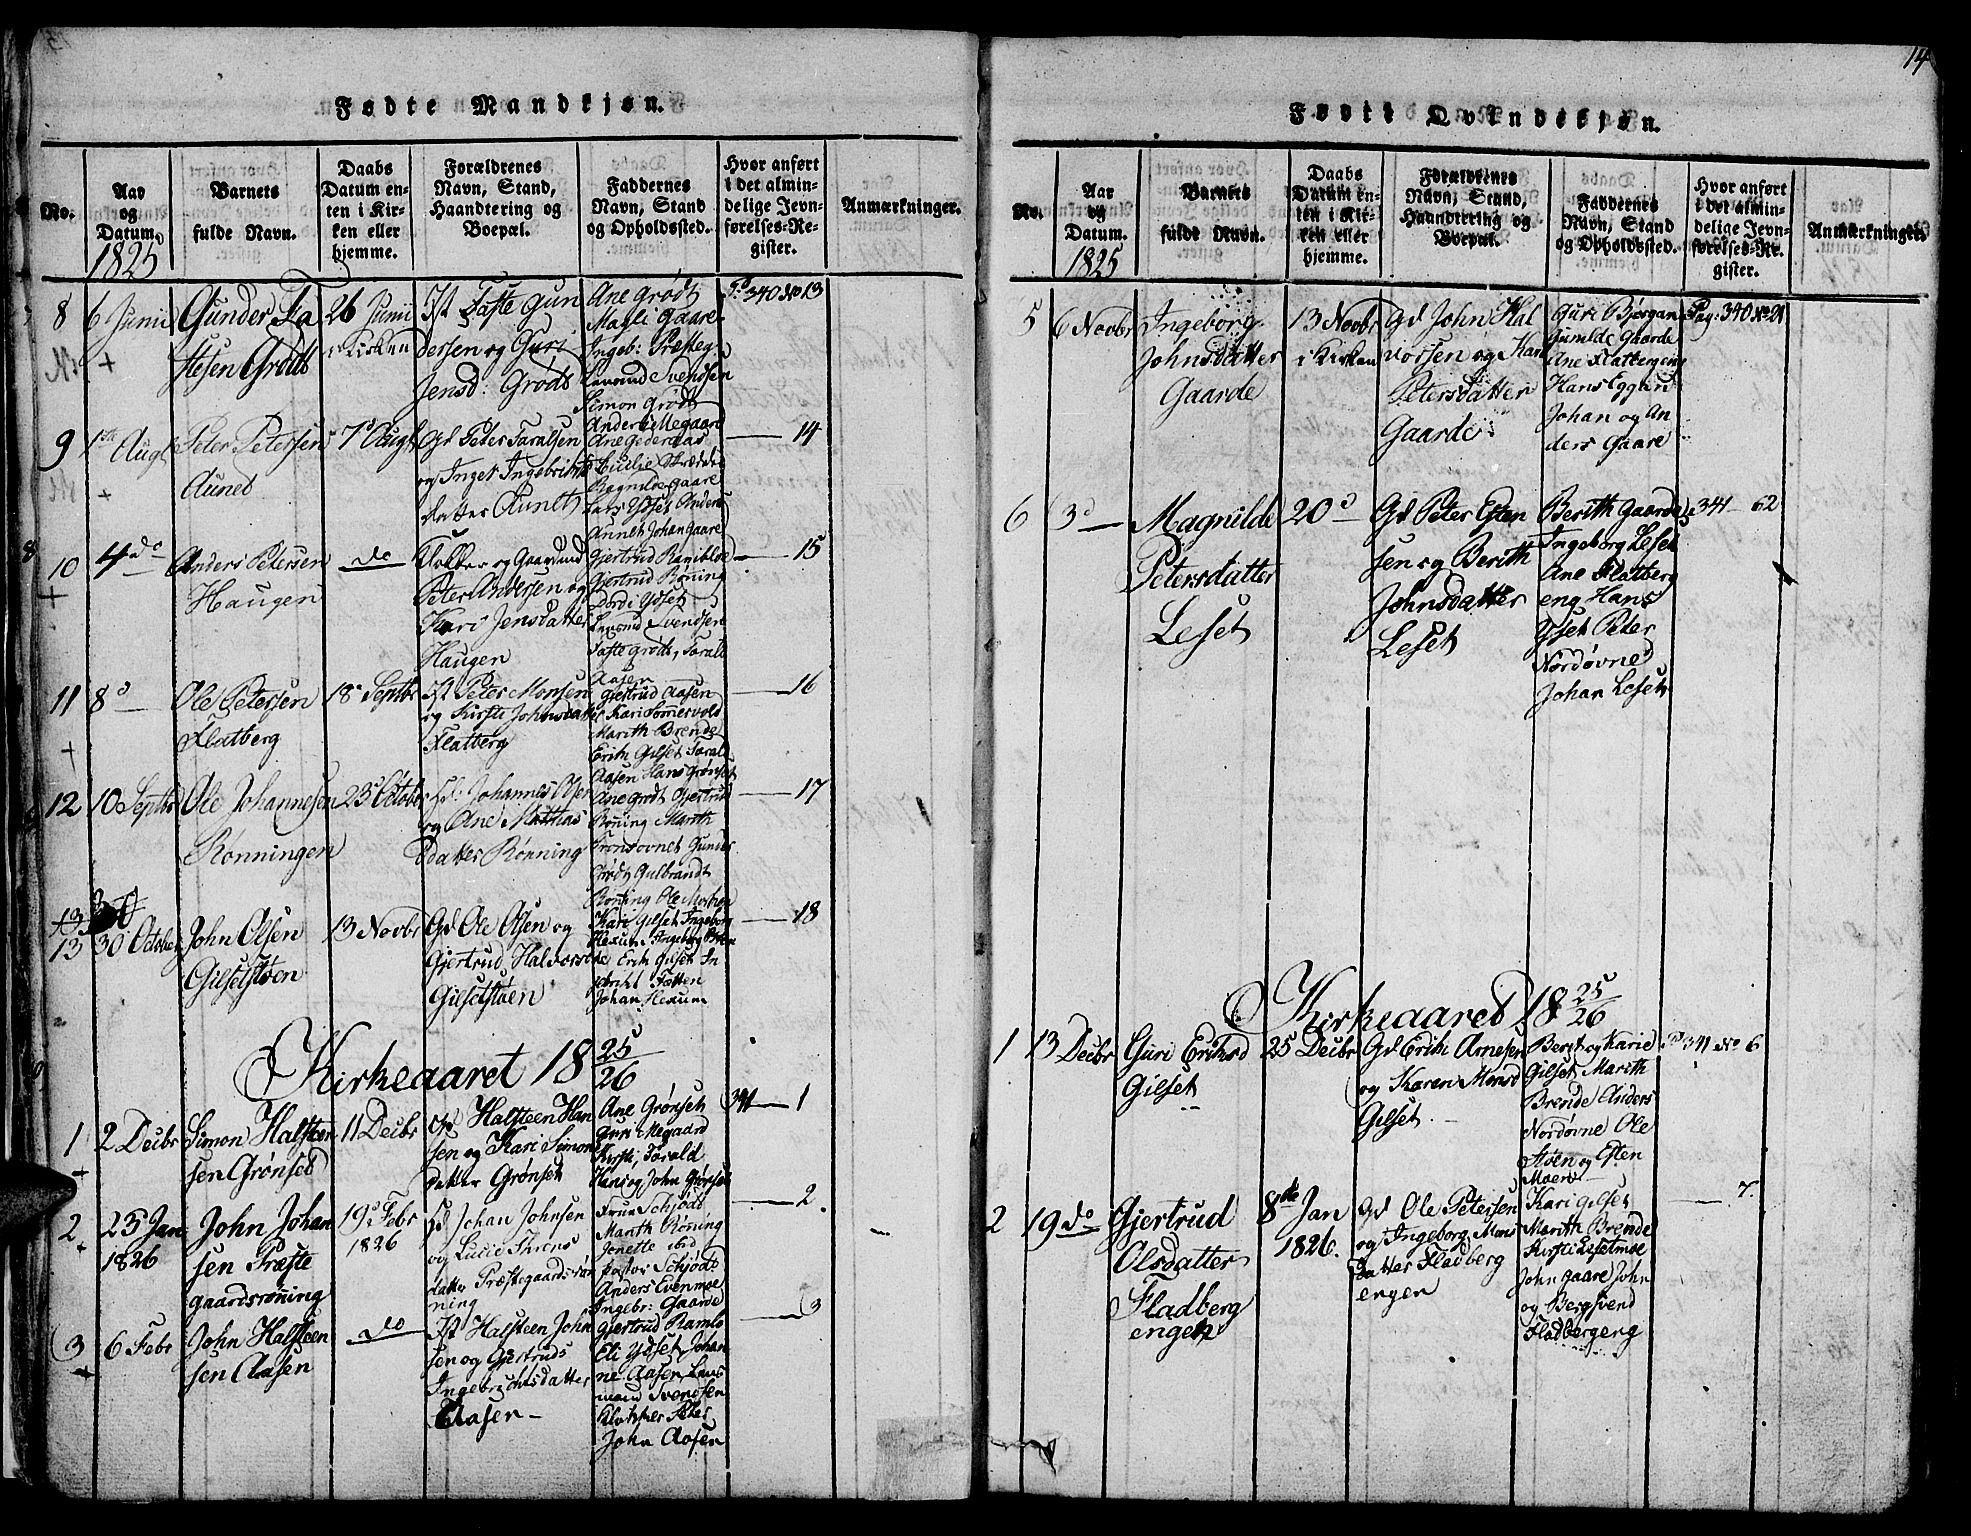 SAT, Ministerialprotokoller, klokkerbøker og fødselsregistre - Sør-Trøndelag, 685/L0954: Ministerialbok nr. 685A03 /1, 1817-1829, s. 14